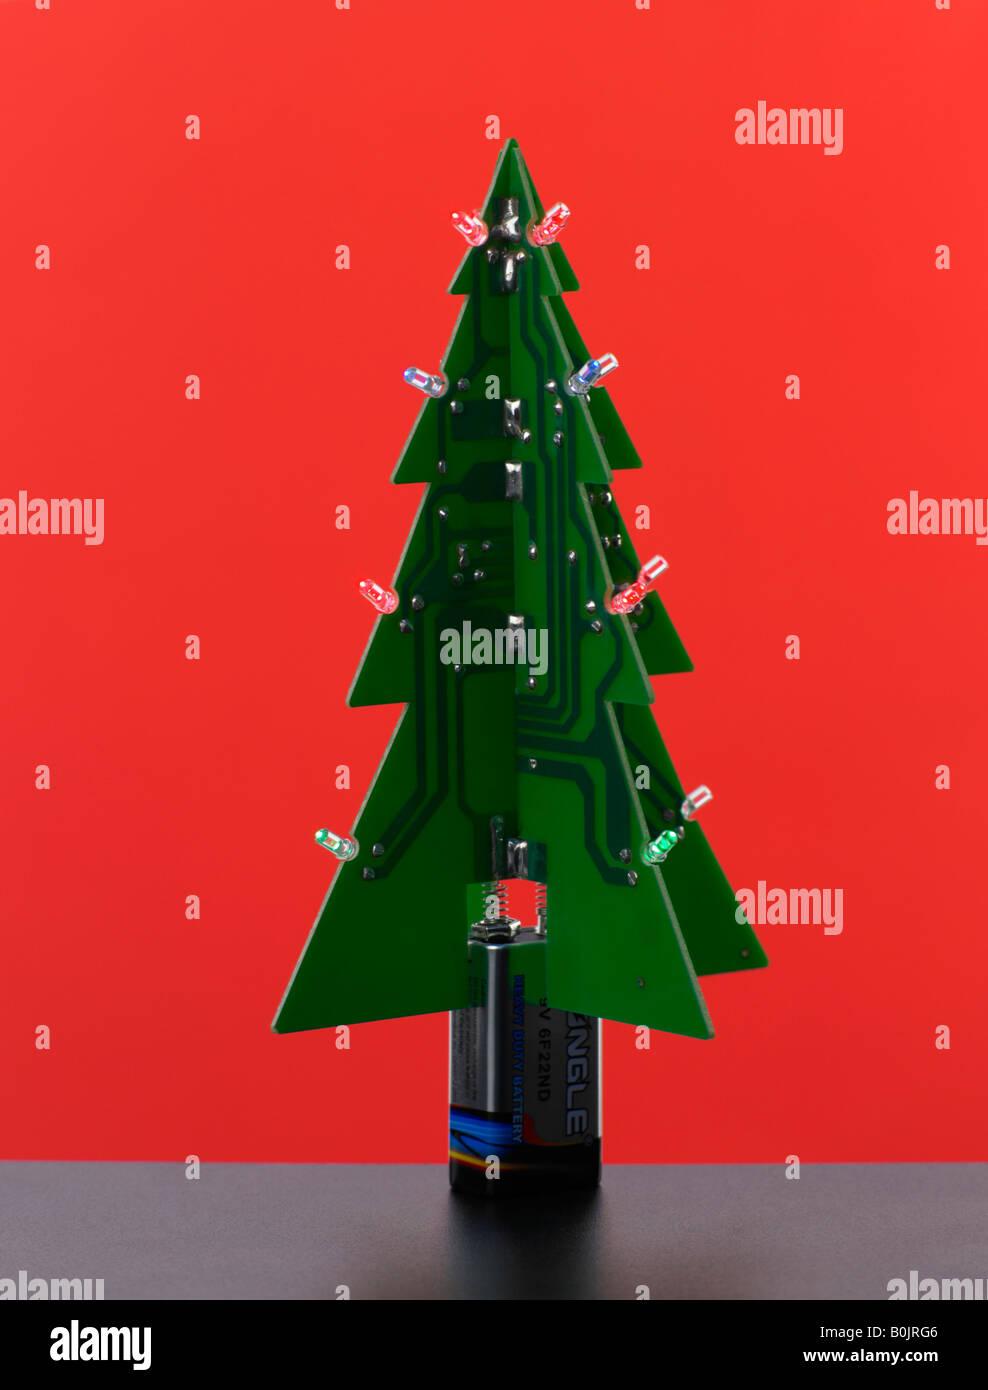 digitale weihnachtsbaum stockfoto bild 17623990 alamy. Black Bedroom Furniture Sets. Home Design Ideas